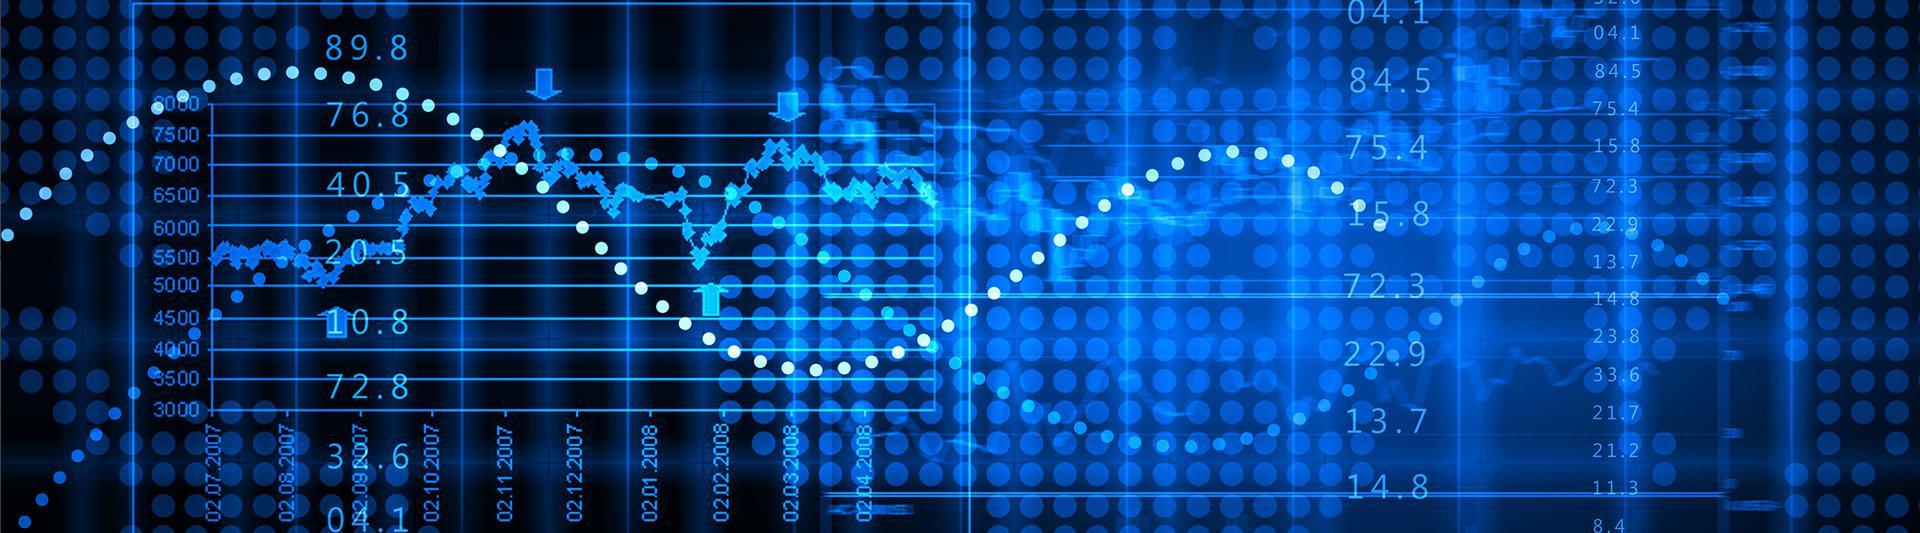 Cómo importar y exportar bases de datos en MySQL o MariaDB